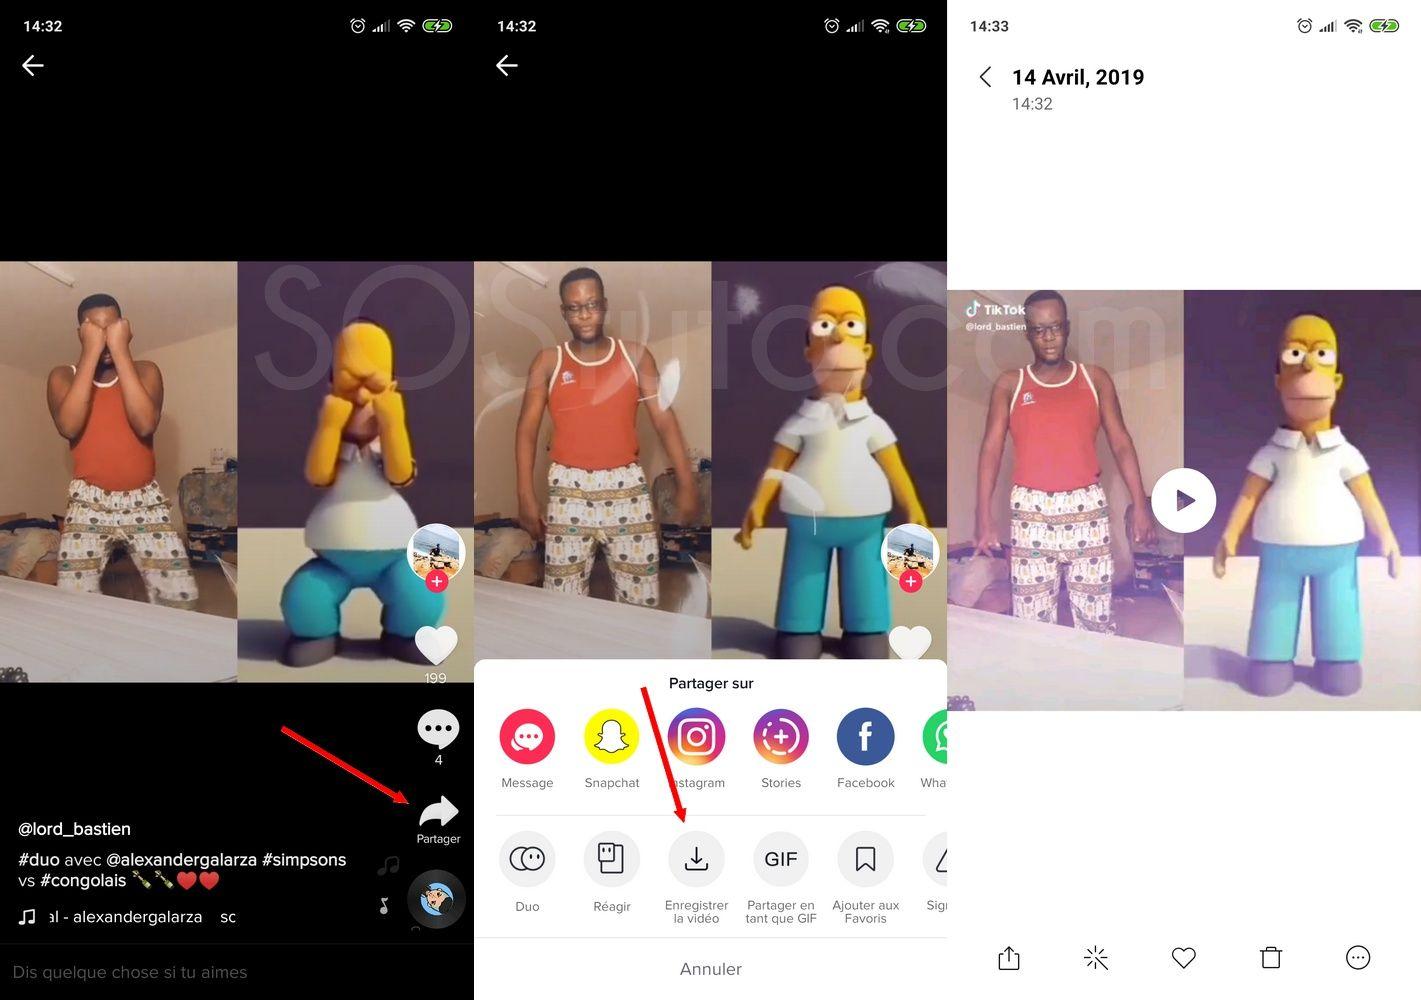 Telecharger video TikTok Télécharger une vidéo Tik Tok (Musical.ly) sur iPhone, Android ou PC